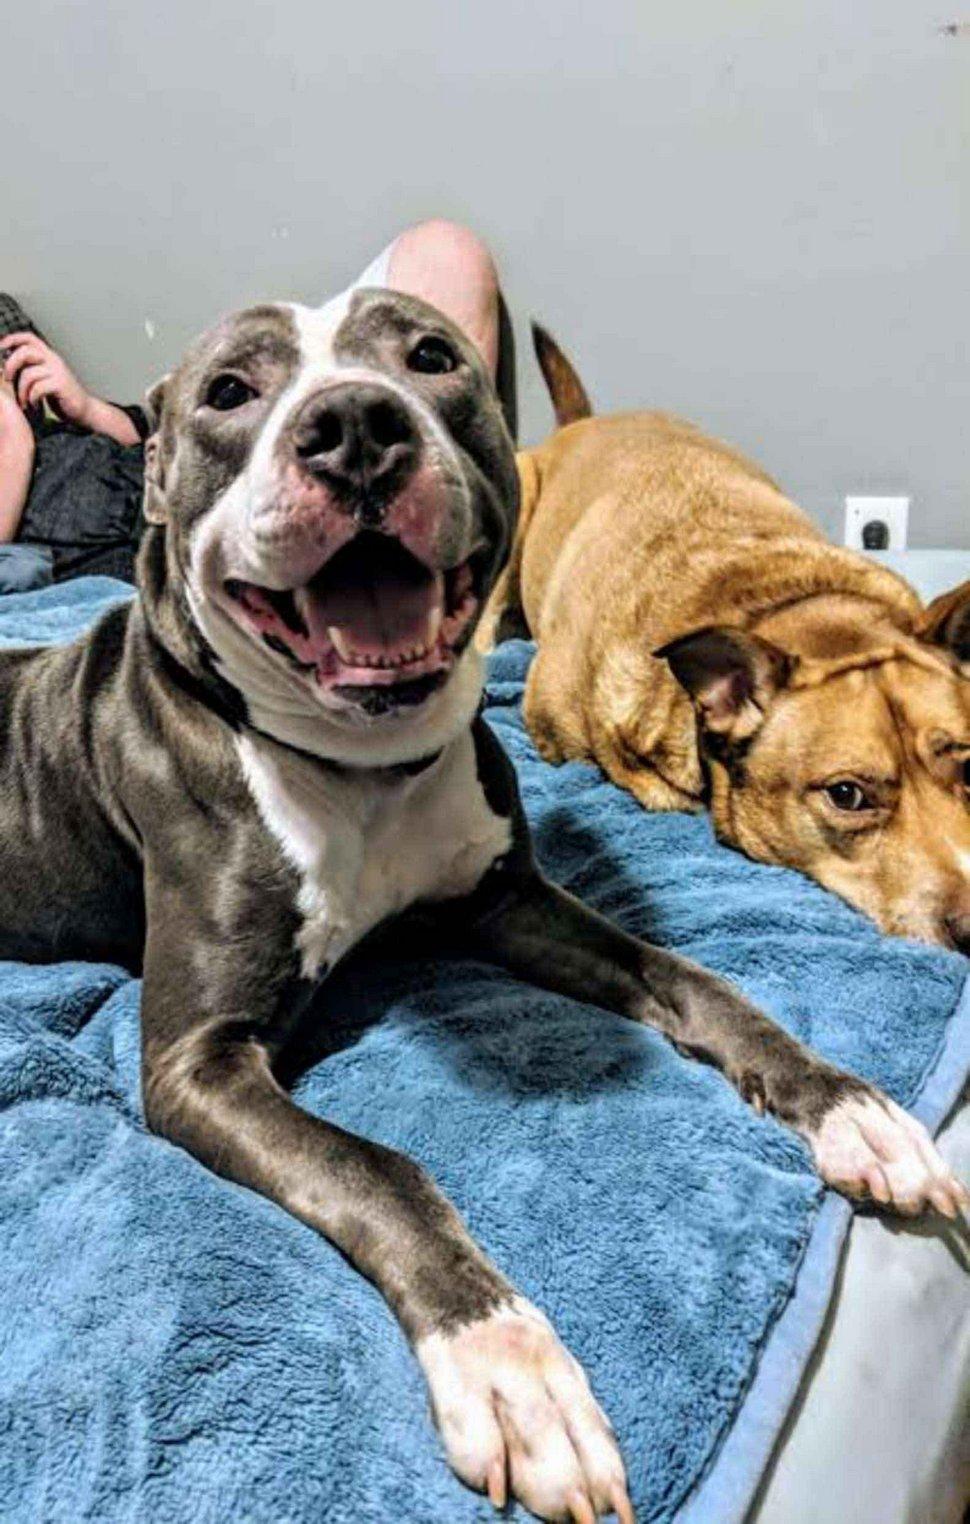 Une famille abandonne son chien dans un refuge parce que «nous allons avoir un autre bébé»